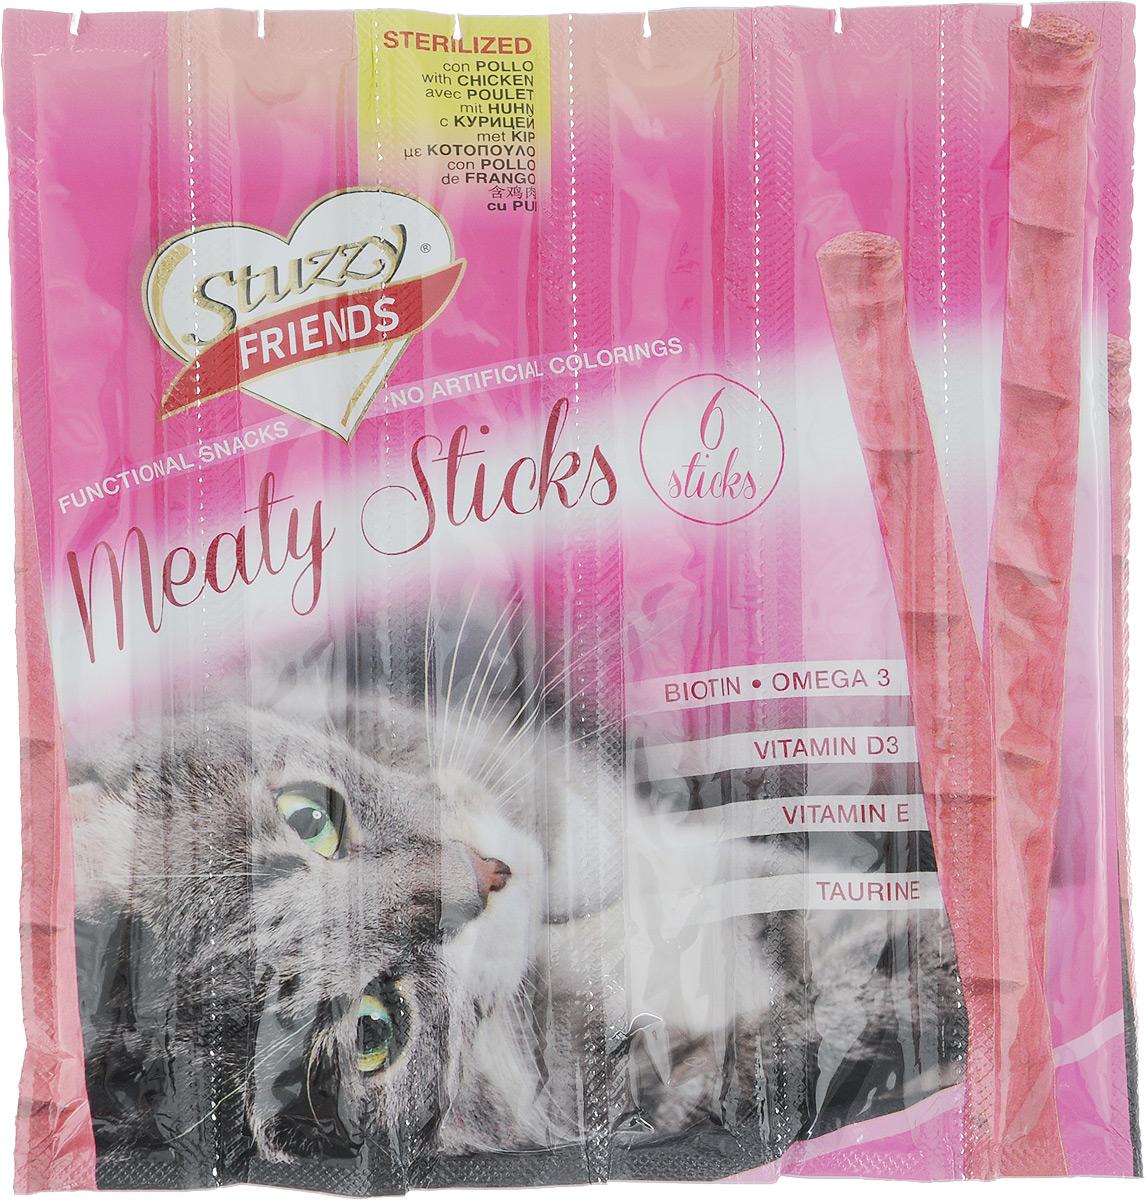 Лакомство для взрослых кошек Stuzzy Friend. Палочки, для стерилизованных кошек, курица, 5 шт0120710Палочки Stuzzy Friend. Палочка - вкусное и здоровое угощение для кошек. Лакомство обогащено таурином и витамином Е для поддержания правильной работы сердца и иммунной системы. Инулин обеспечивает всасывание питательных веществ, а биотин способствуют великолепному внешнему виду кожи и шерсти. Оригинальная форма и текстура помогают чистить зубы кошки от налета. Не содержат искусственных красителей. Лакомство предназначено для взрослых стерилизованных кошек. Товар сертифицирован.